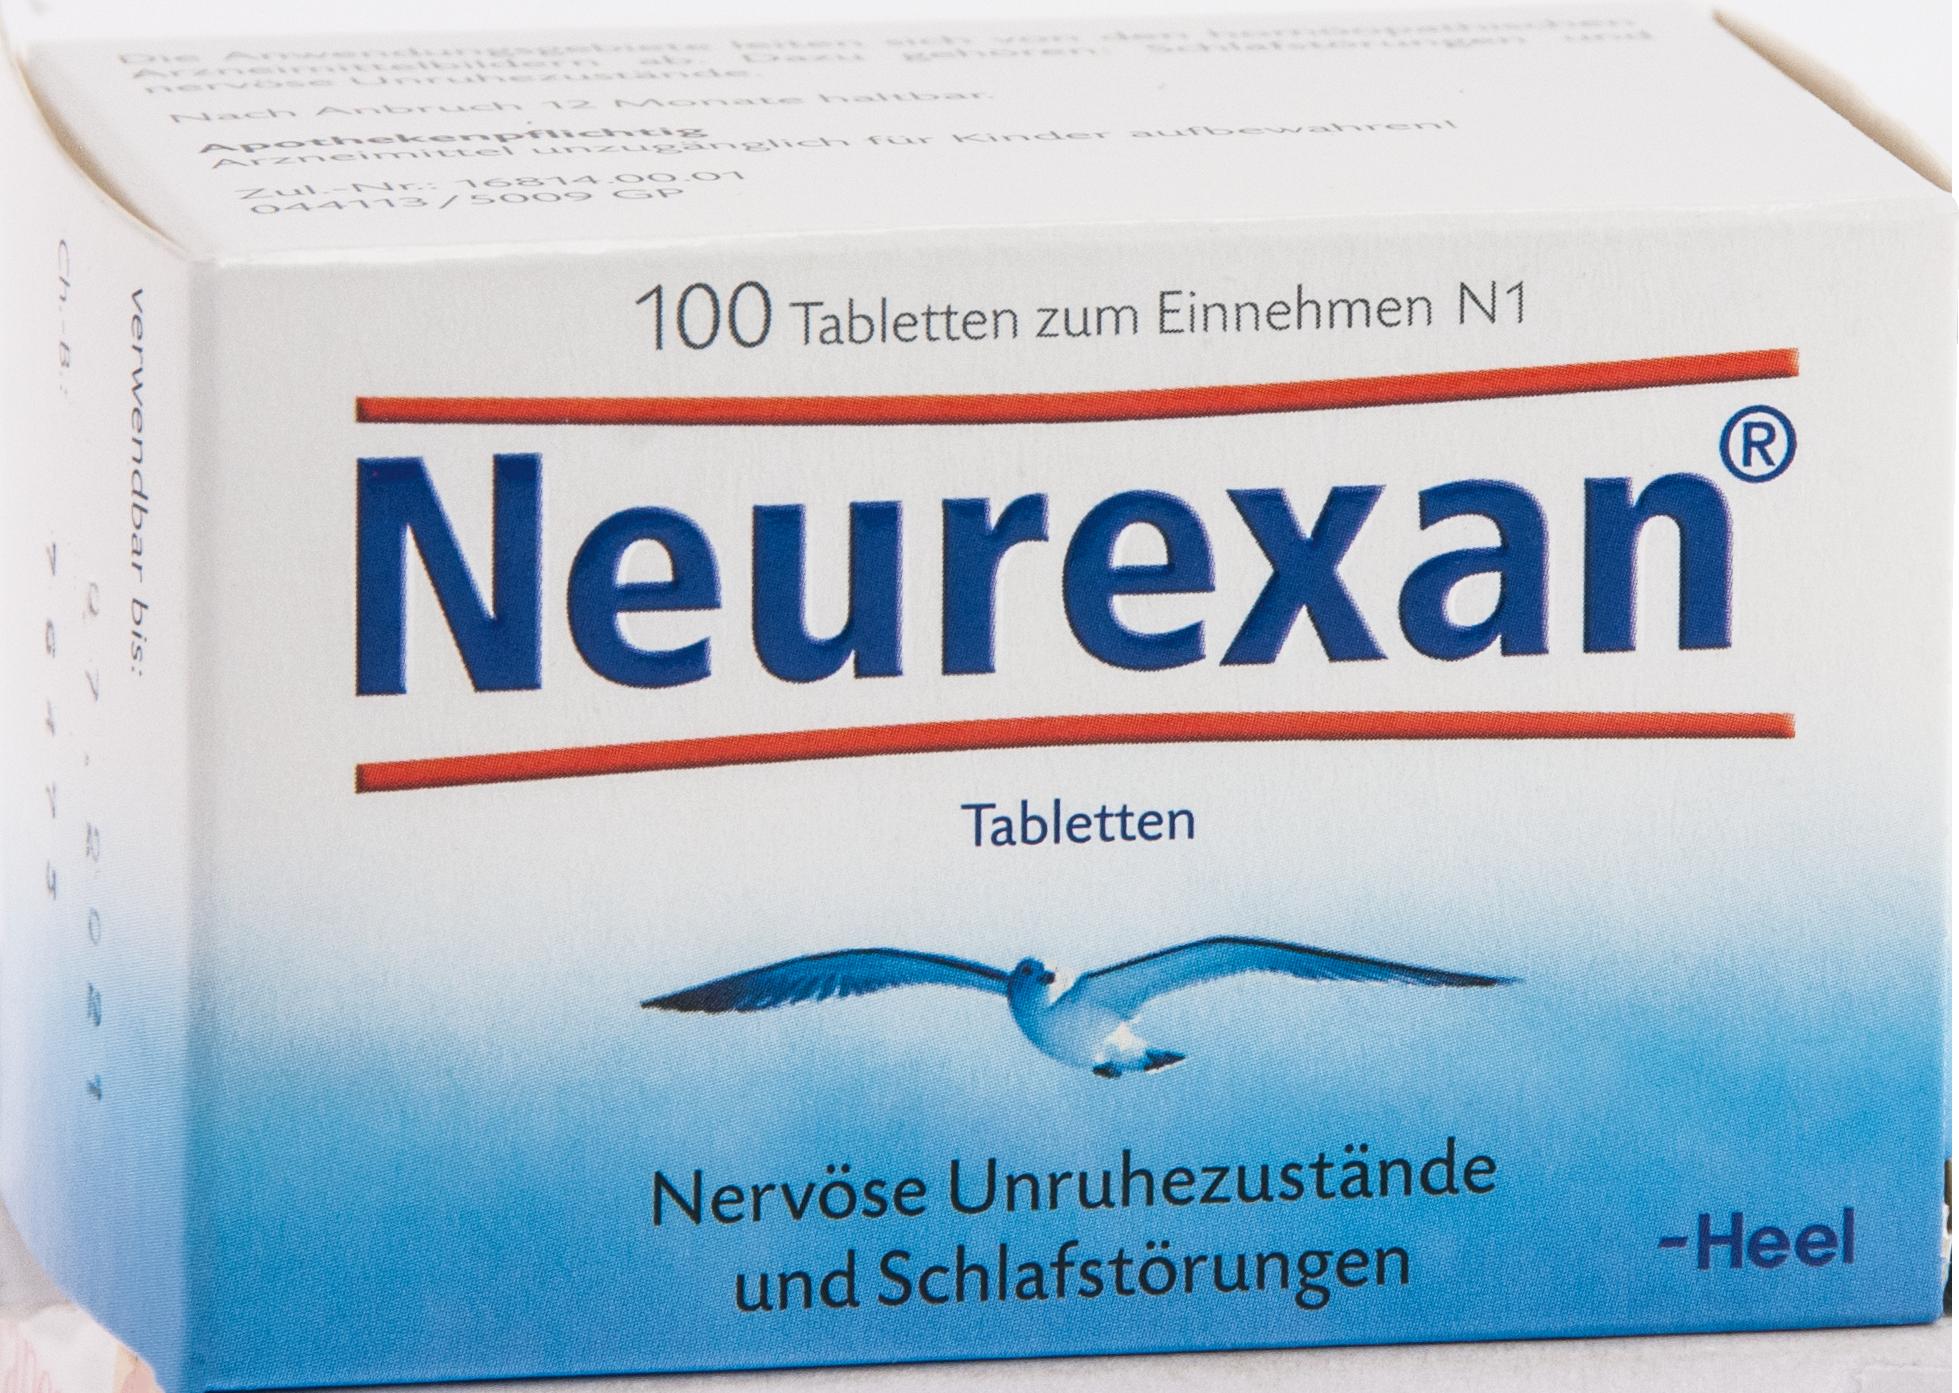 Neurexan